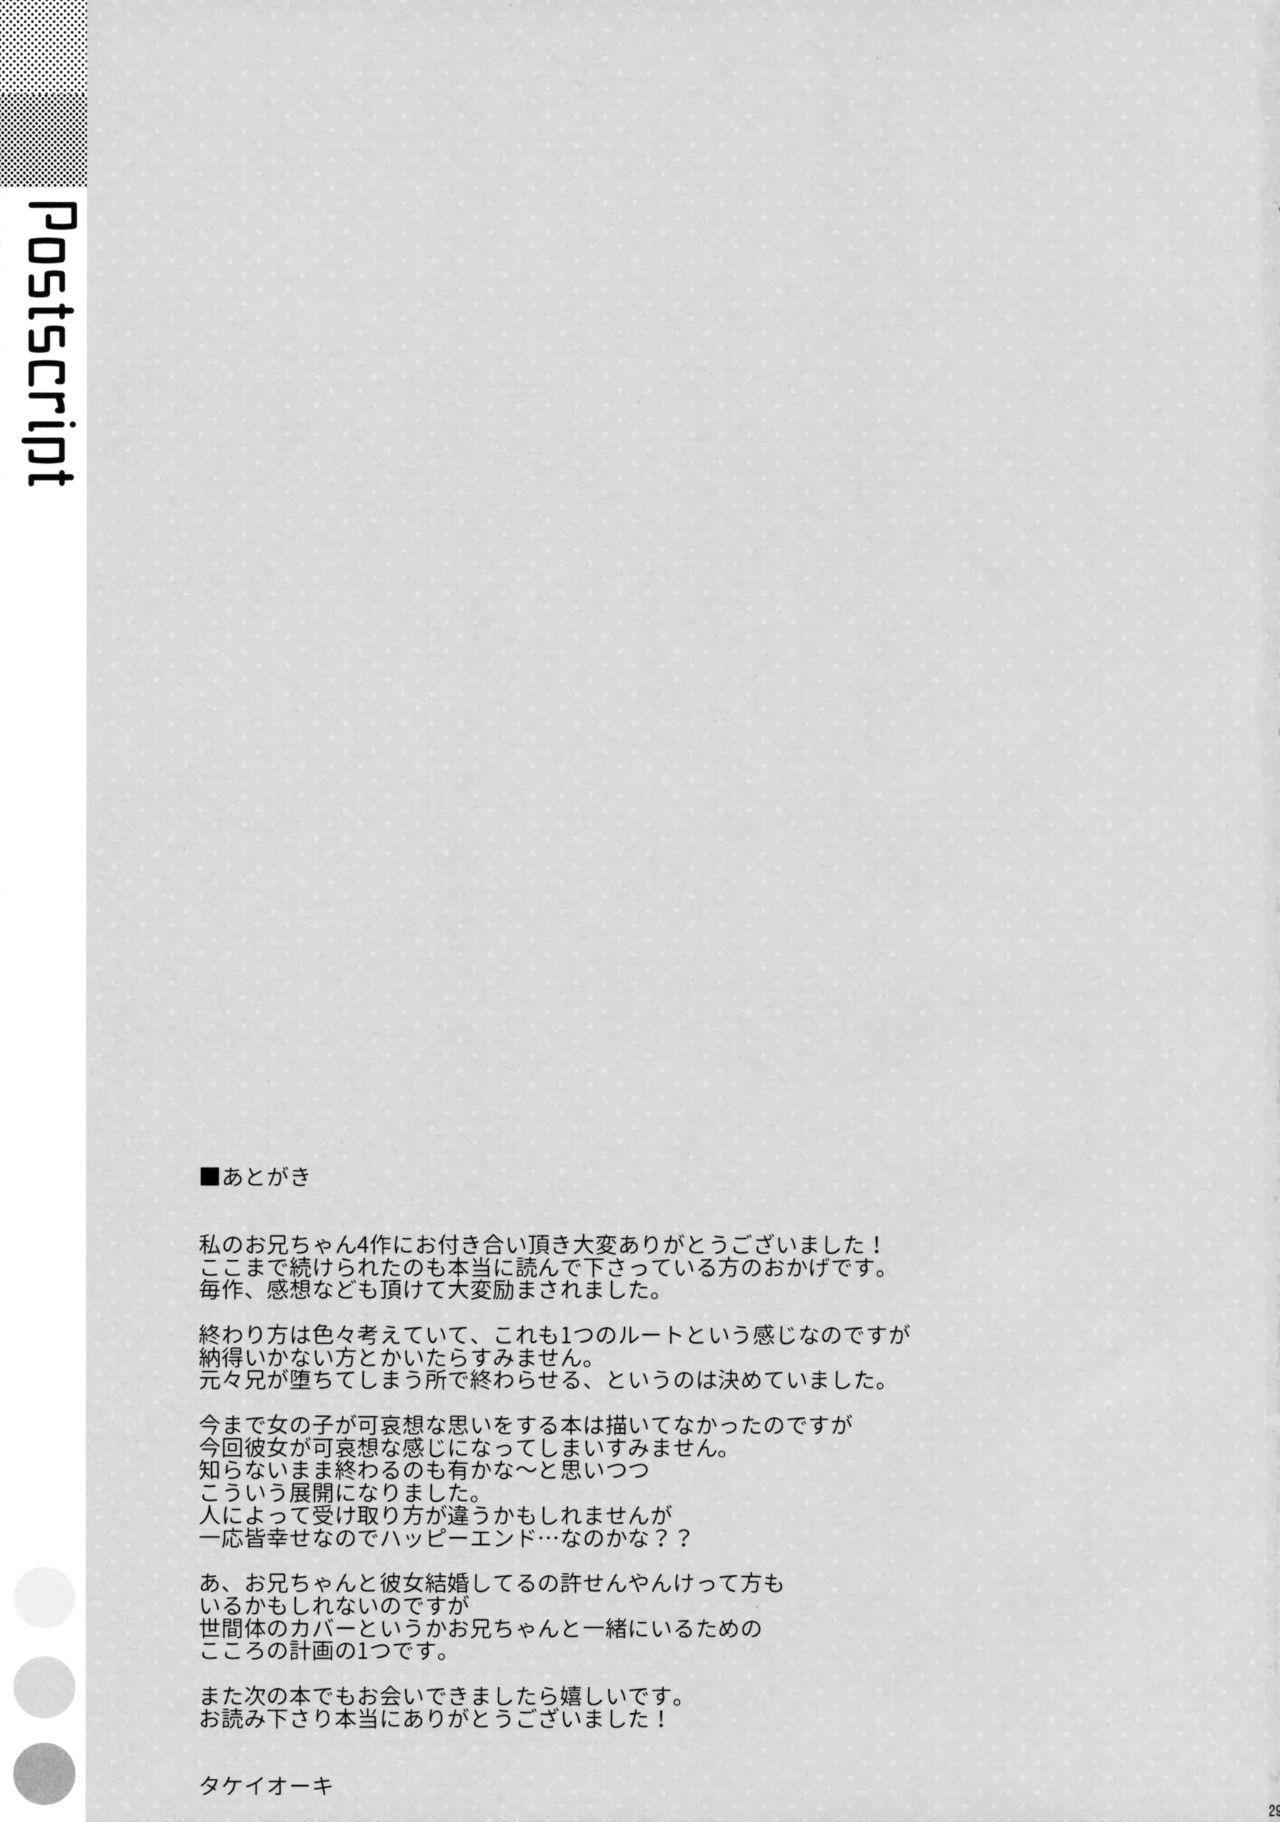 Watashi no, Onii-chan 4 28